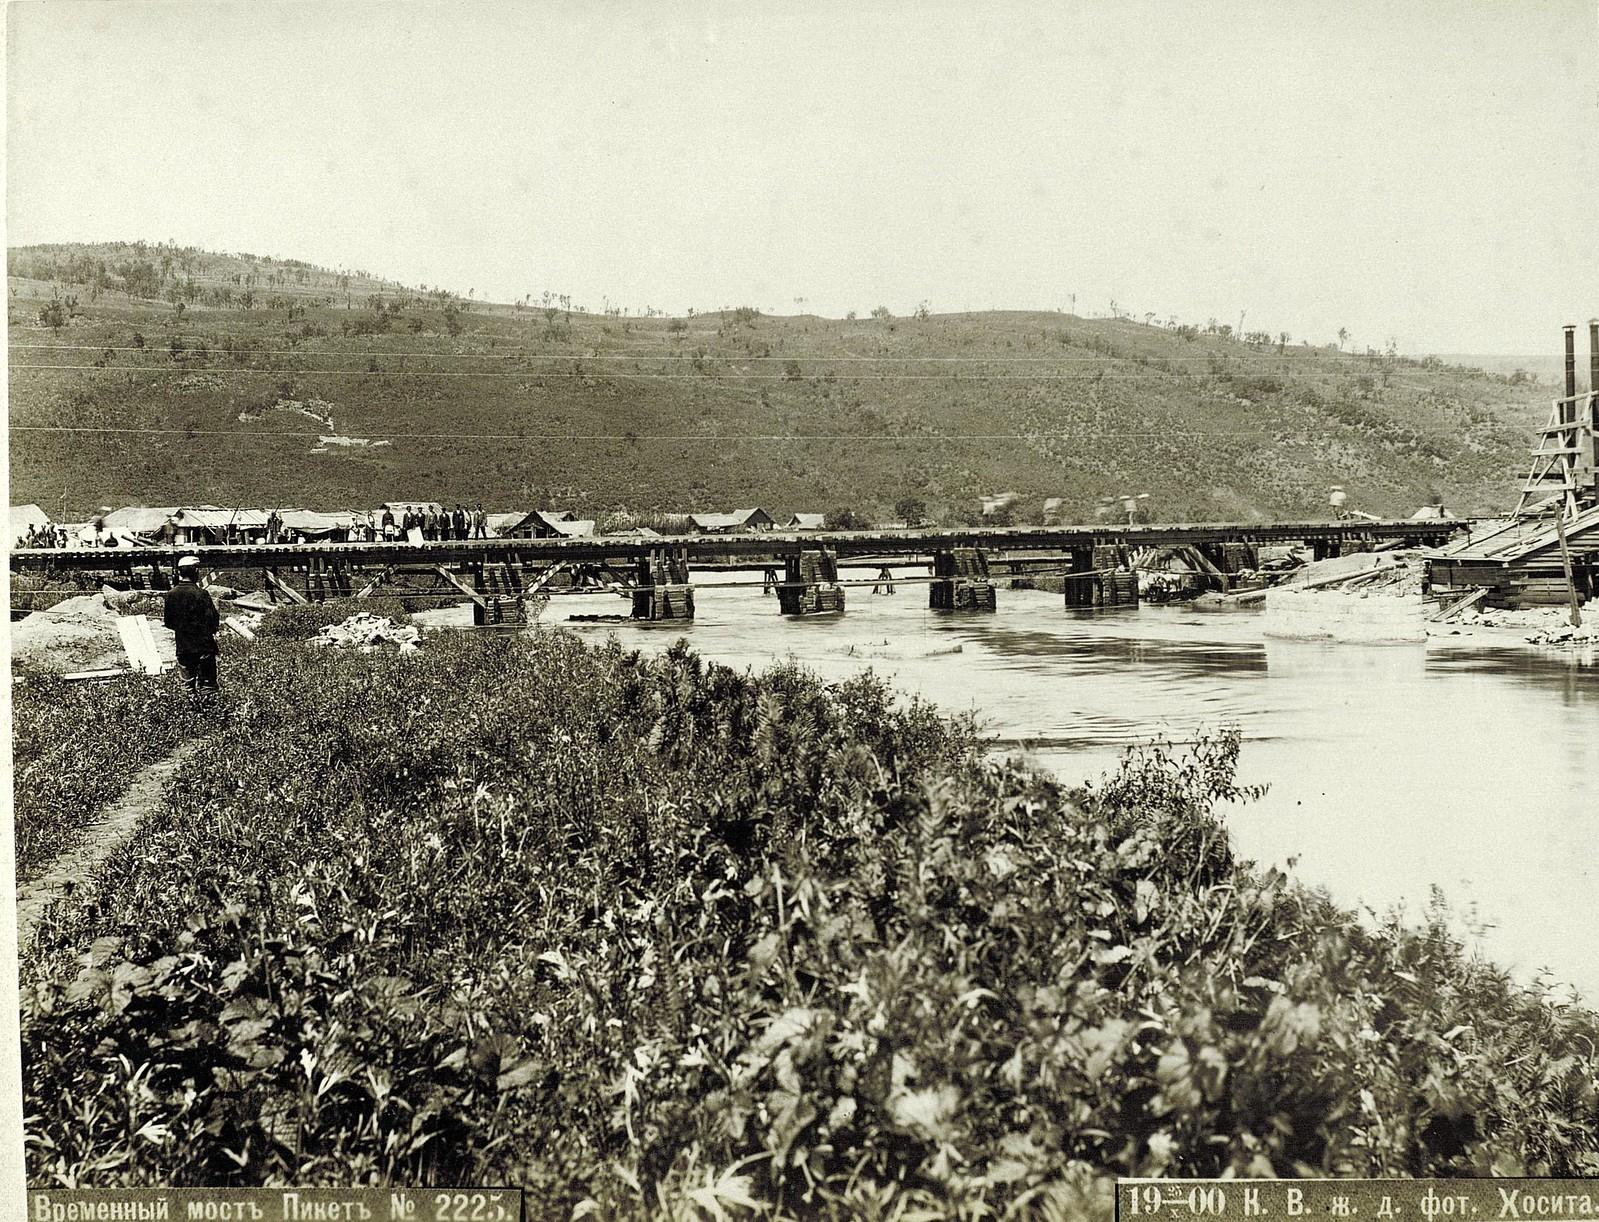 25. Временный мост. Пикет №2225